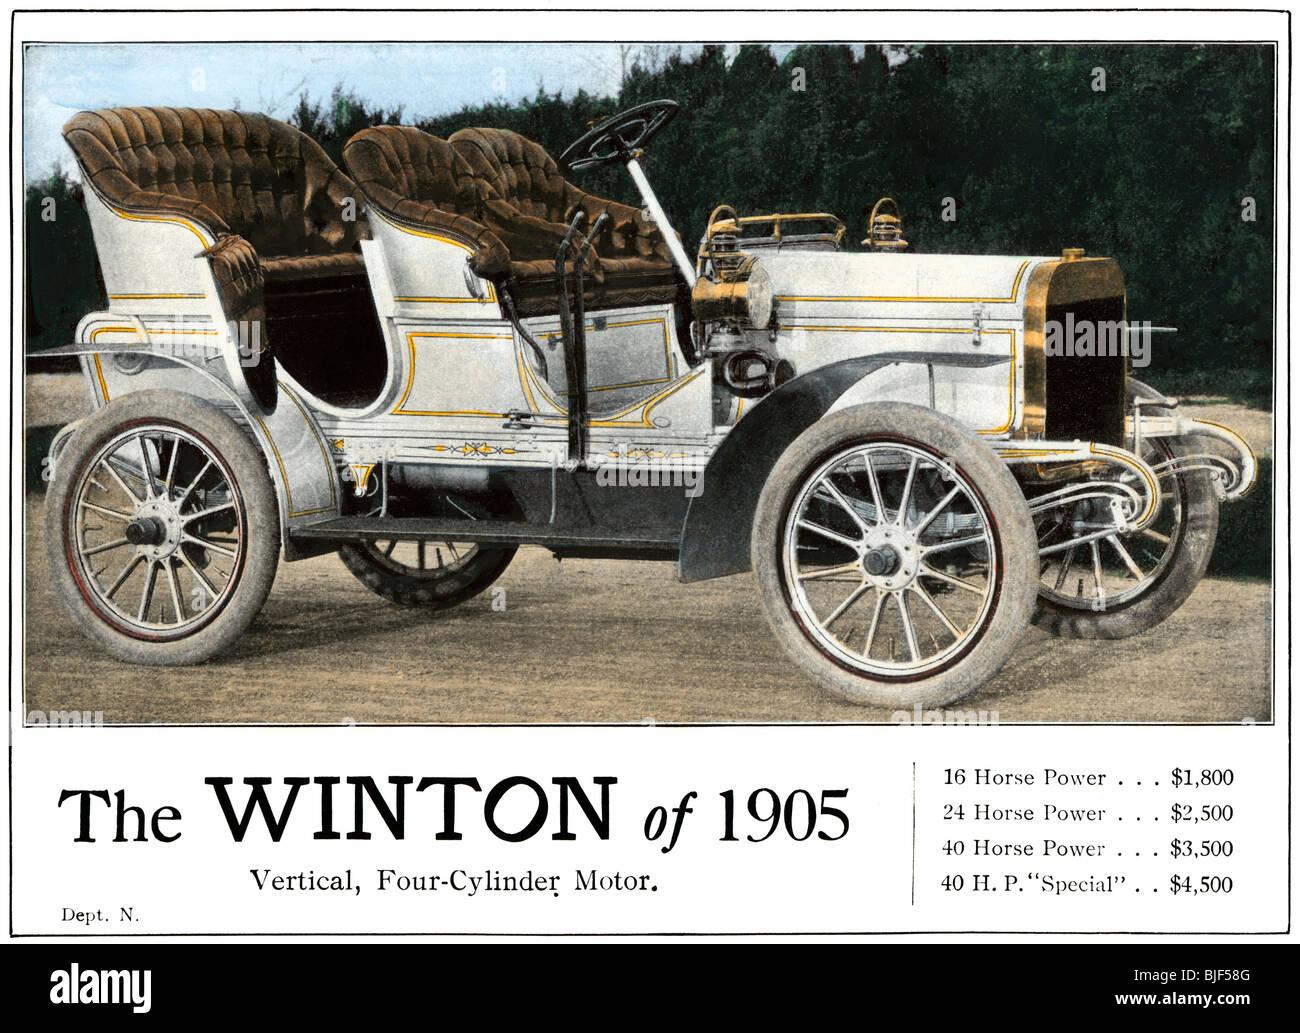 Werbung für das Winton Automobil, 4-Zylinder Modell, mit Preisliste 1905. Hand - farbige Raster eines Fotos Stockbild